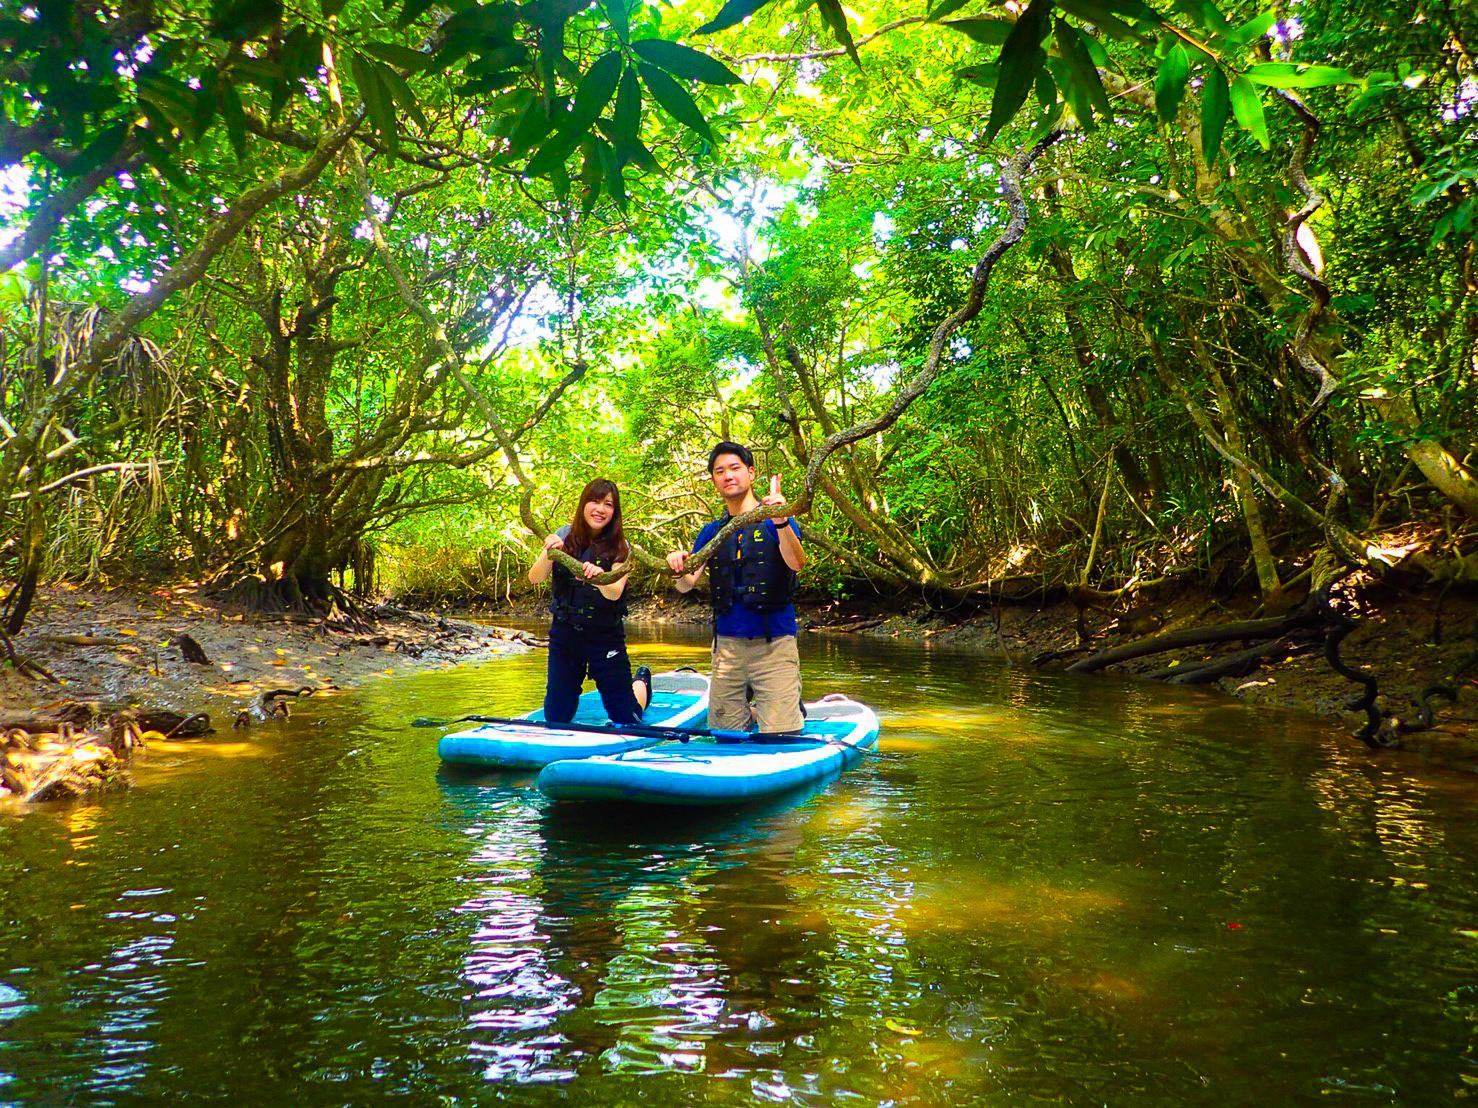 雨の日にマングローブSUPを楽しむカップル